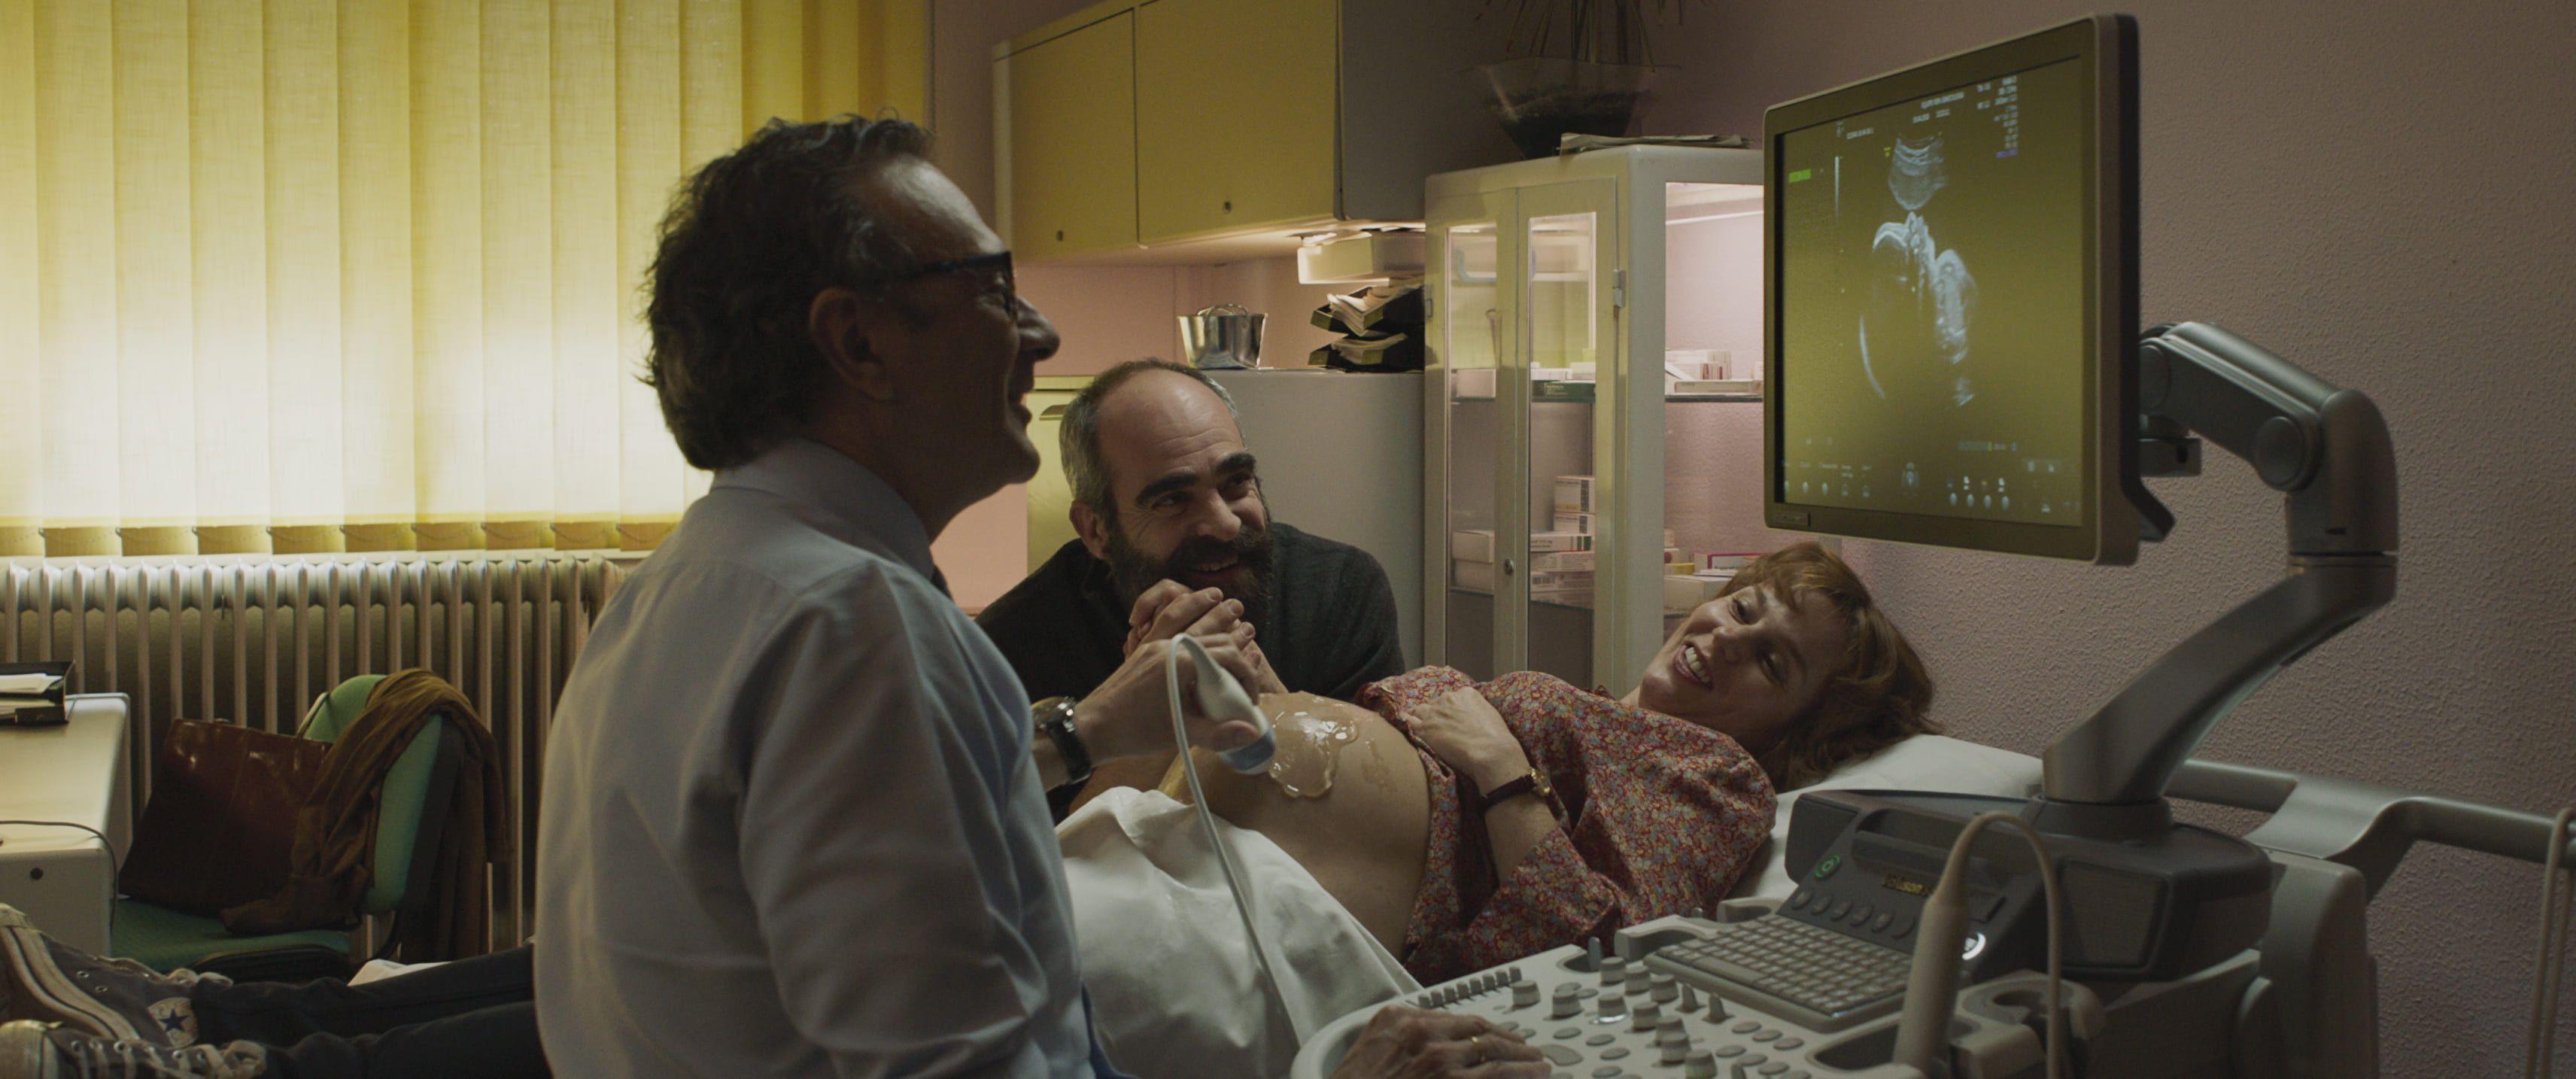 La actriz María Vázquez está siendo ecografiada en la película (Crítica de Quien a Hierro Mata)